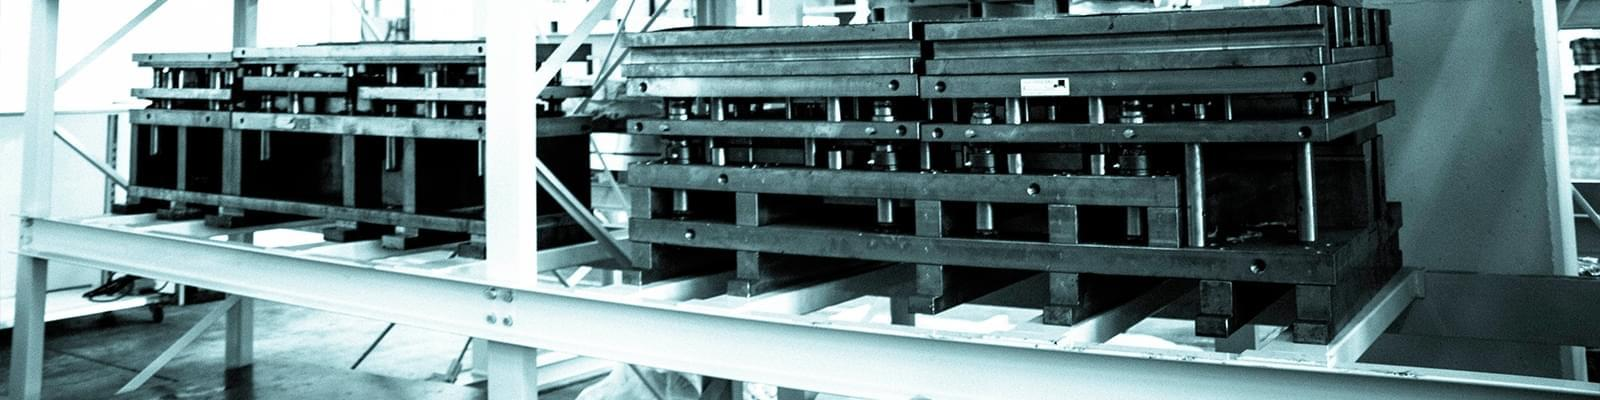 7 - testata - Stampaggio lamiera a freddo e robotica per velocizzare le operazioni